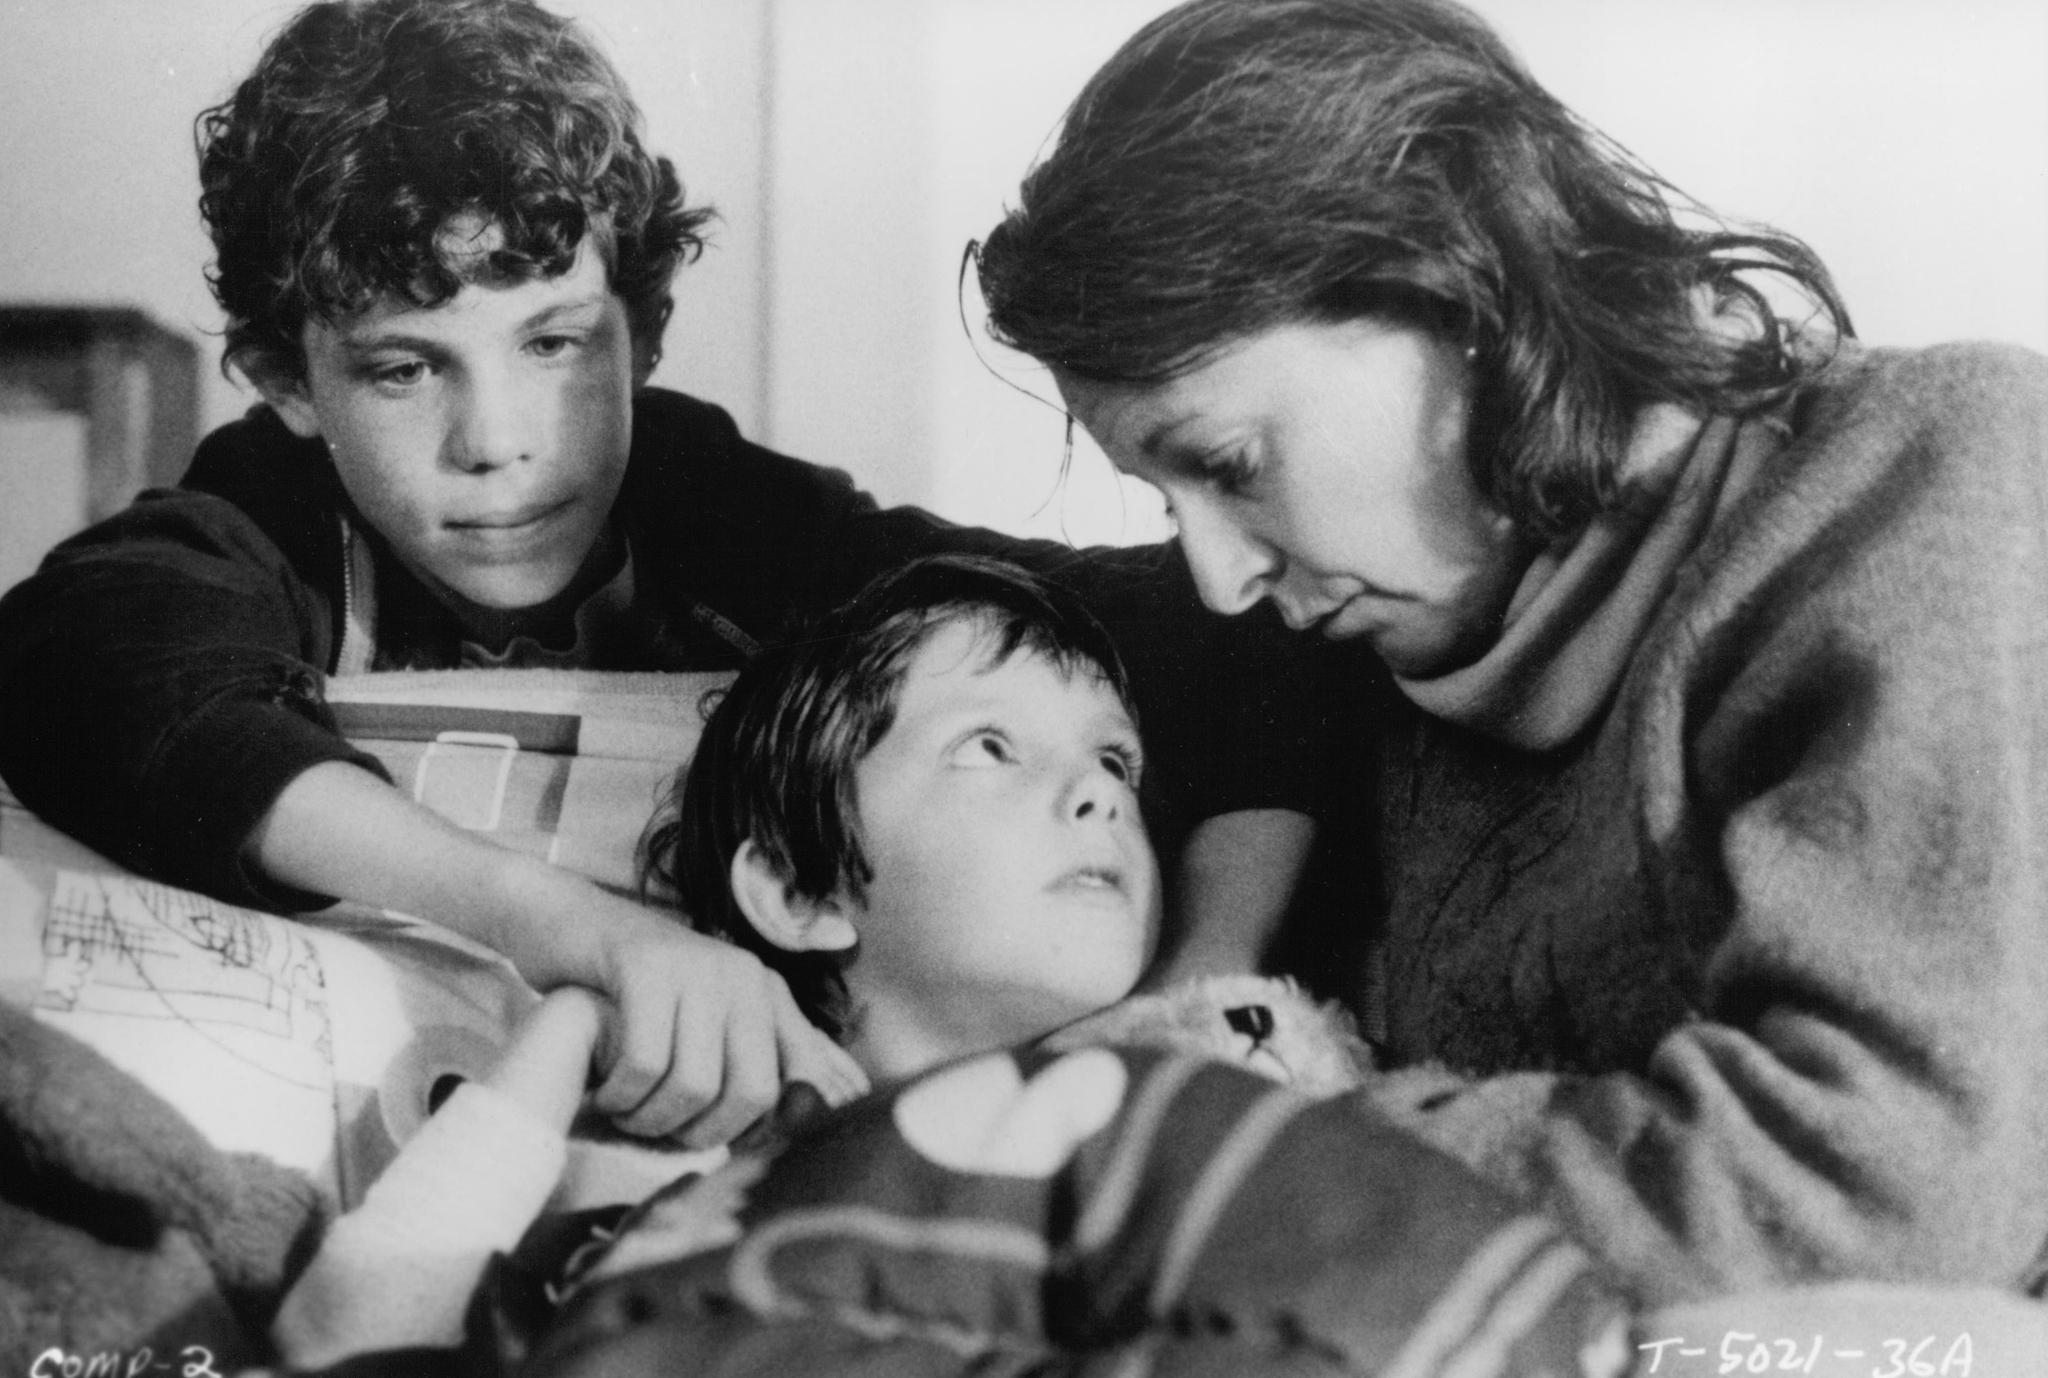 Jane Alexander, Lukas Haas, and Rossie Harris in Testament (1983)